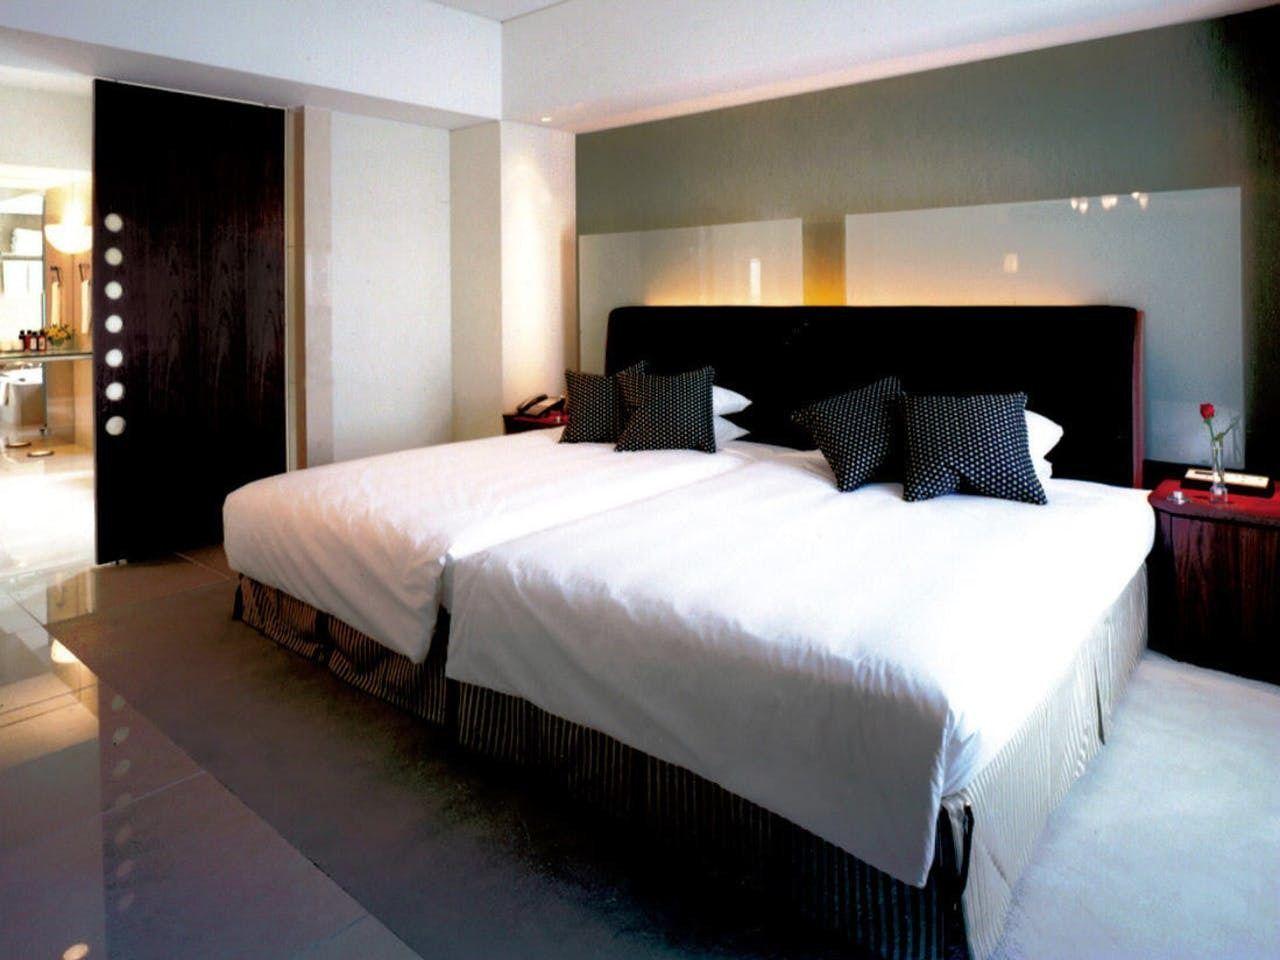 【多摩センターのホテル】おすすめ5選。アクセス良好なホテルを紹介の画像